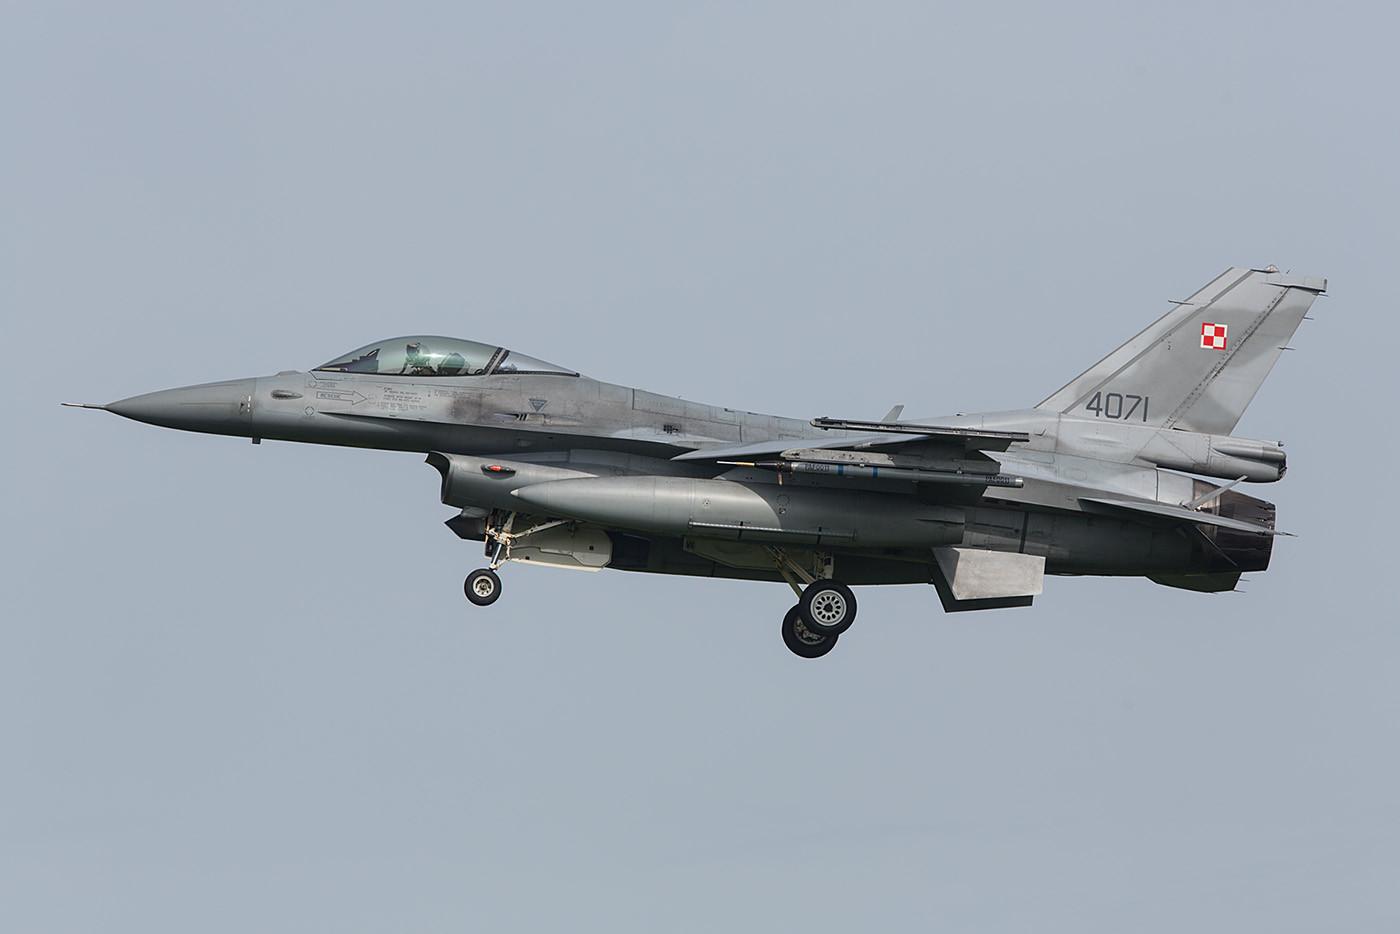 Deshalb hier nur ein paar Landebilder der F-16 Block 52+ aus Lask.